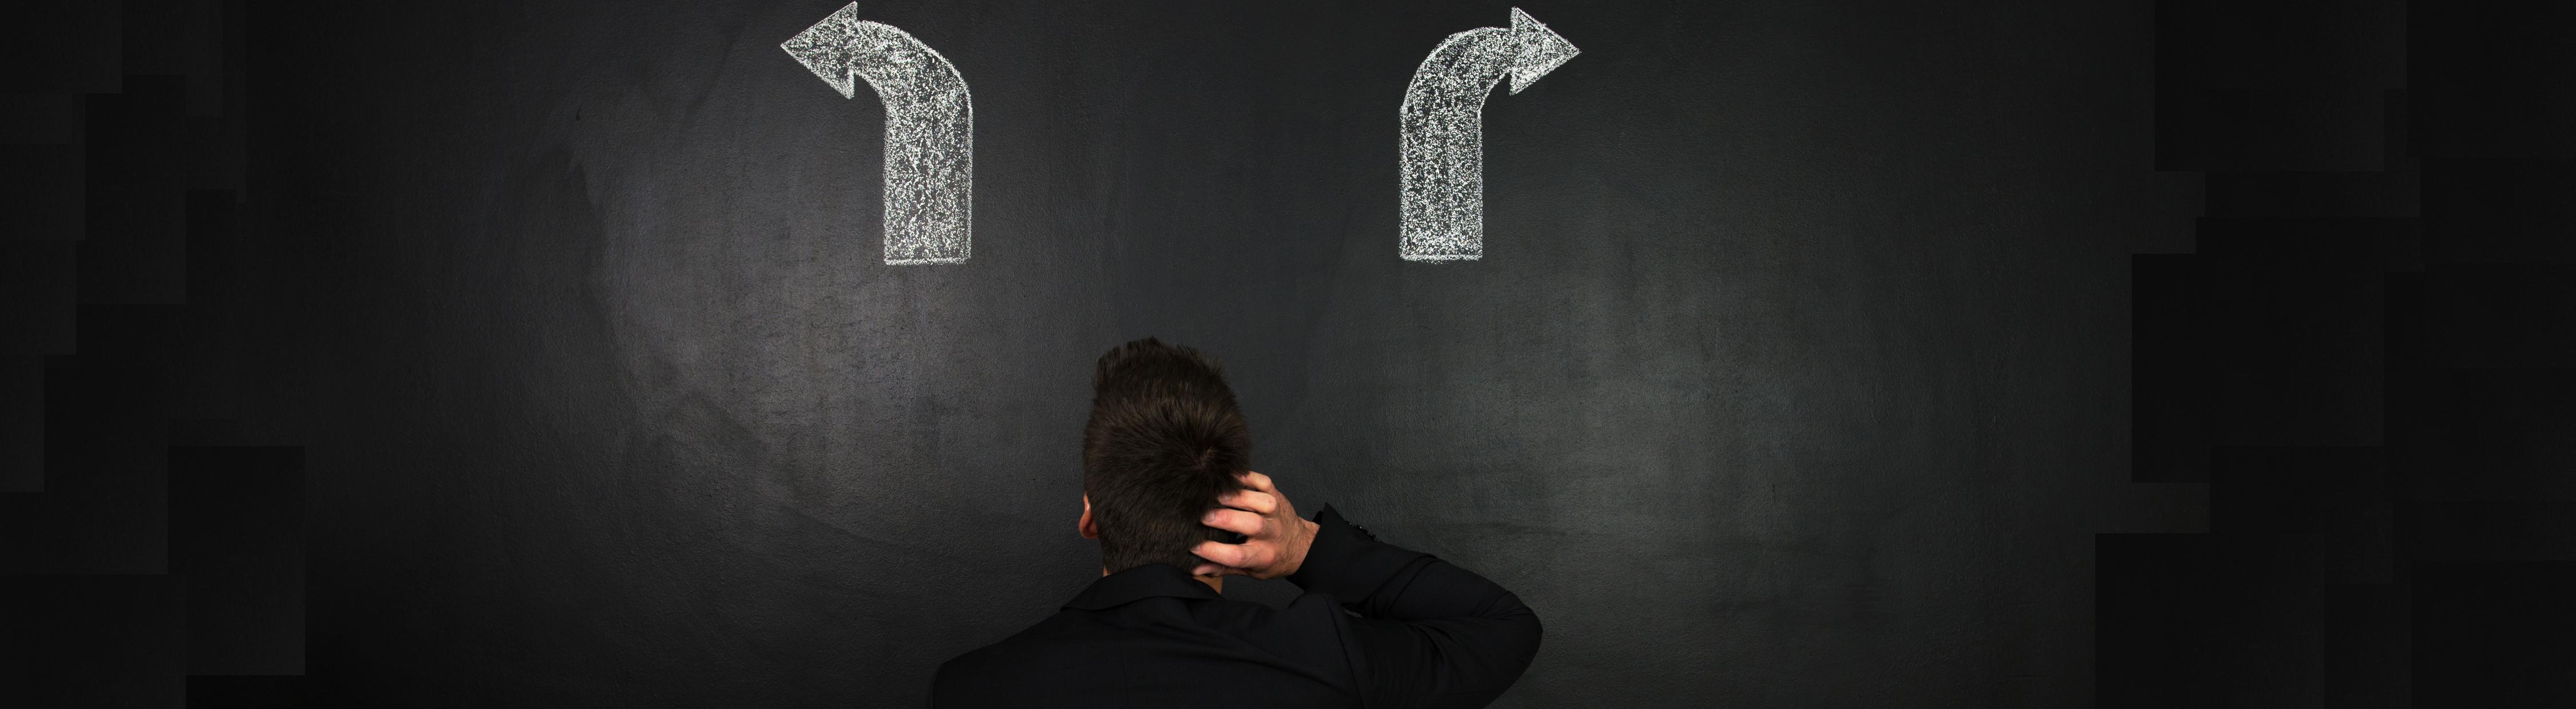 Schwierige Entscheidungen: Der Entscheidungsnavi soll eine Hilfe sein.